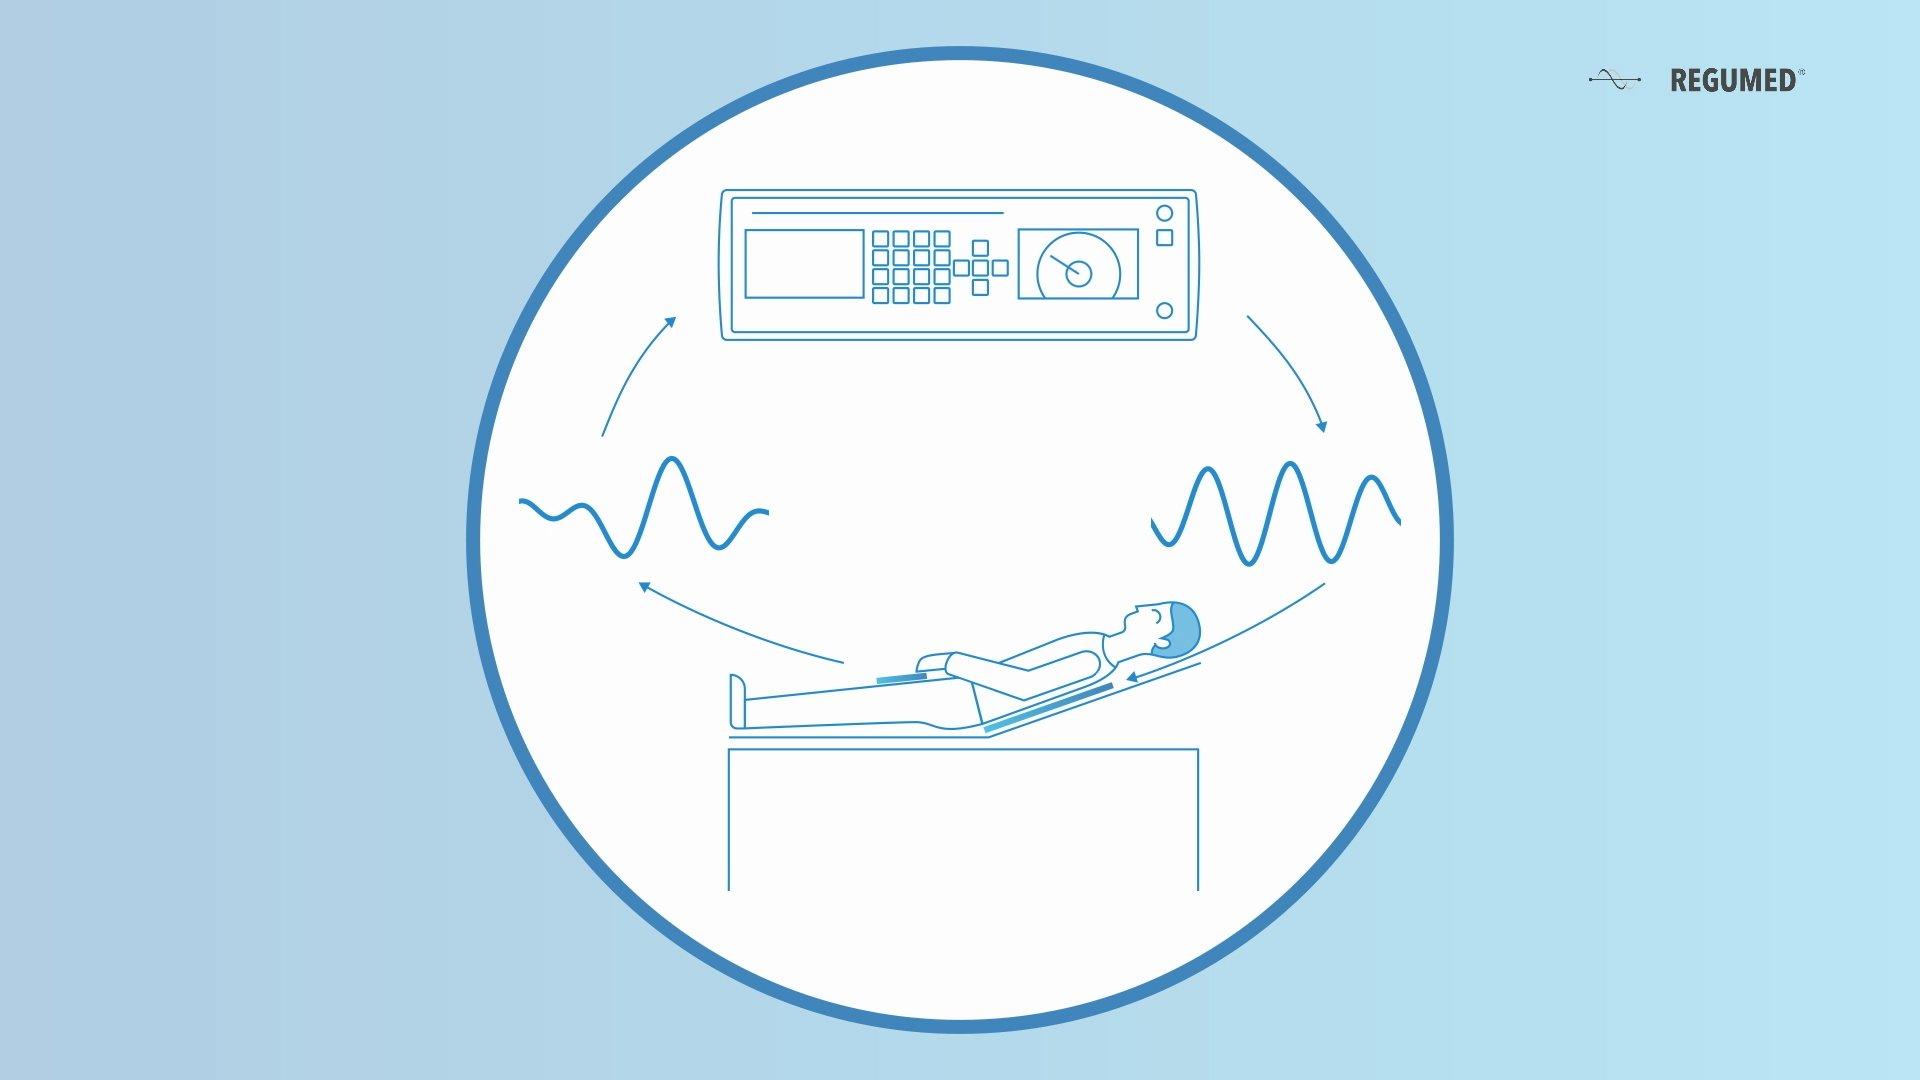 Bioresonanzmethode - was bedeutet das?